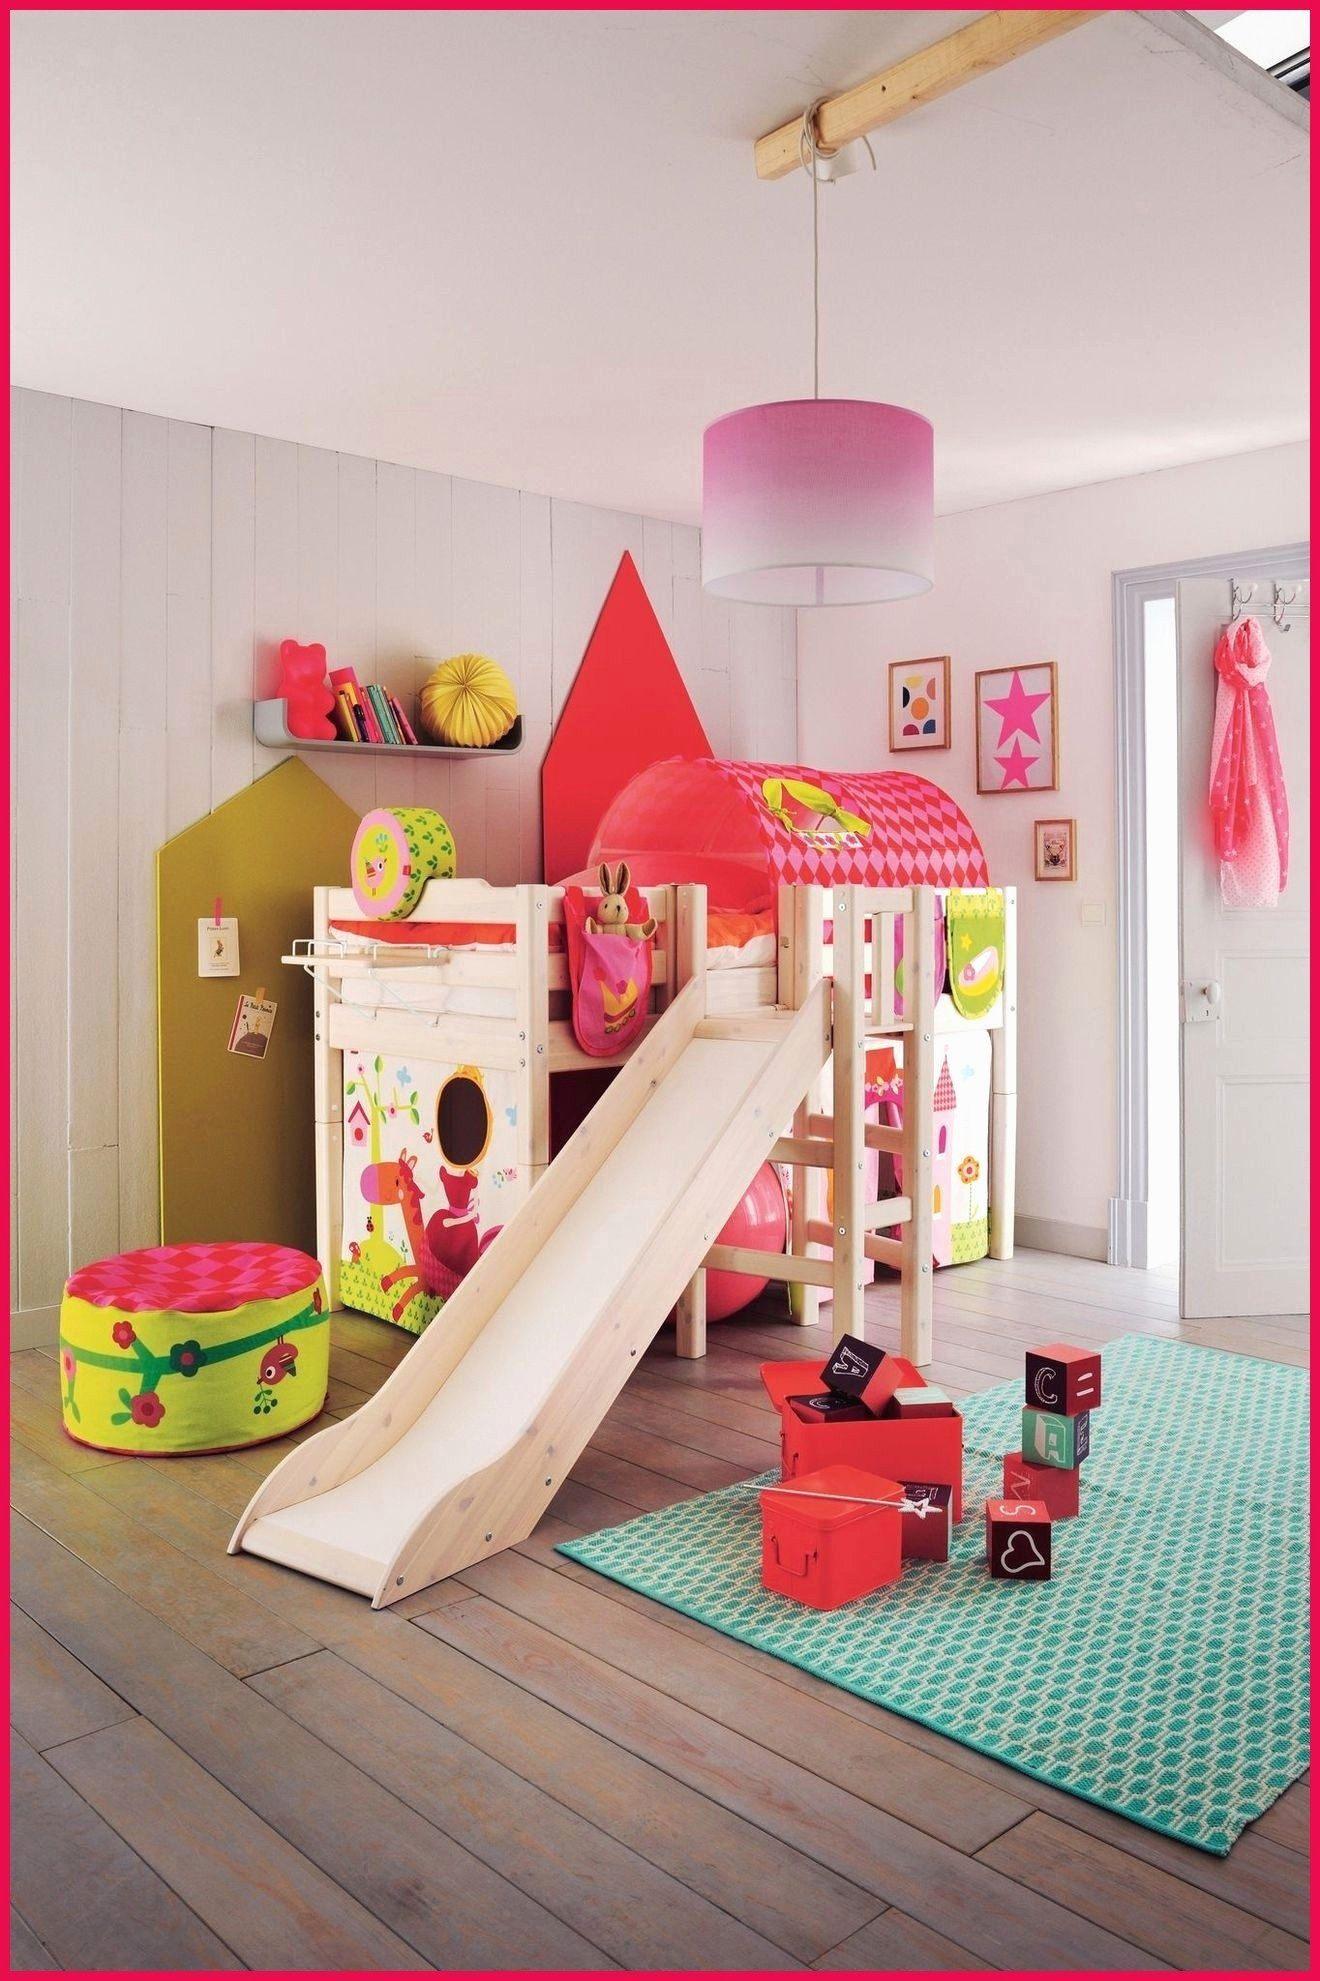 Lit Bebe Gris Fraîche Impressionnant Chambre Ado Grise Sur Lesmeubles Image Deco Chambre